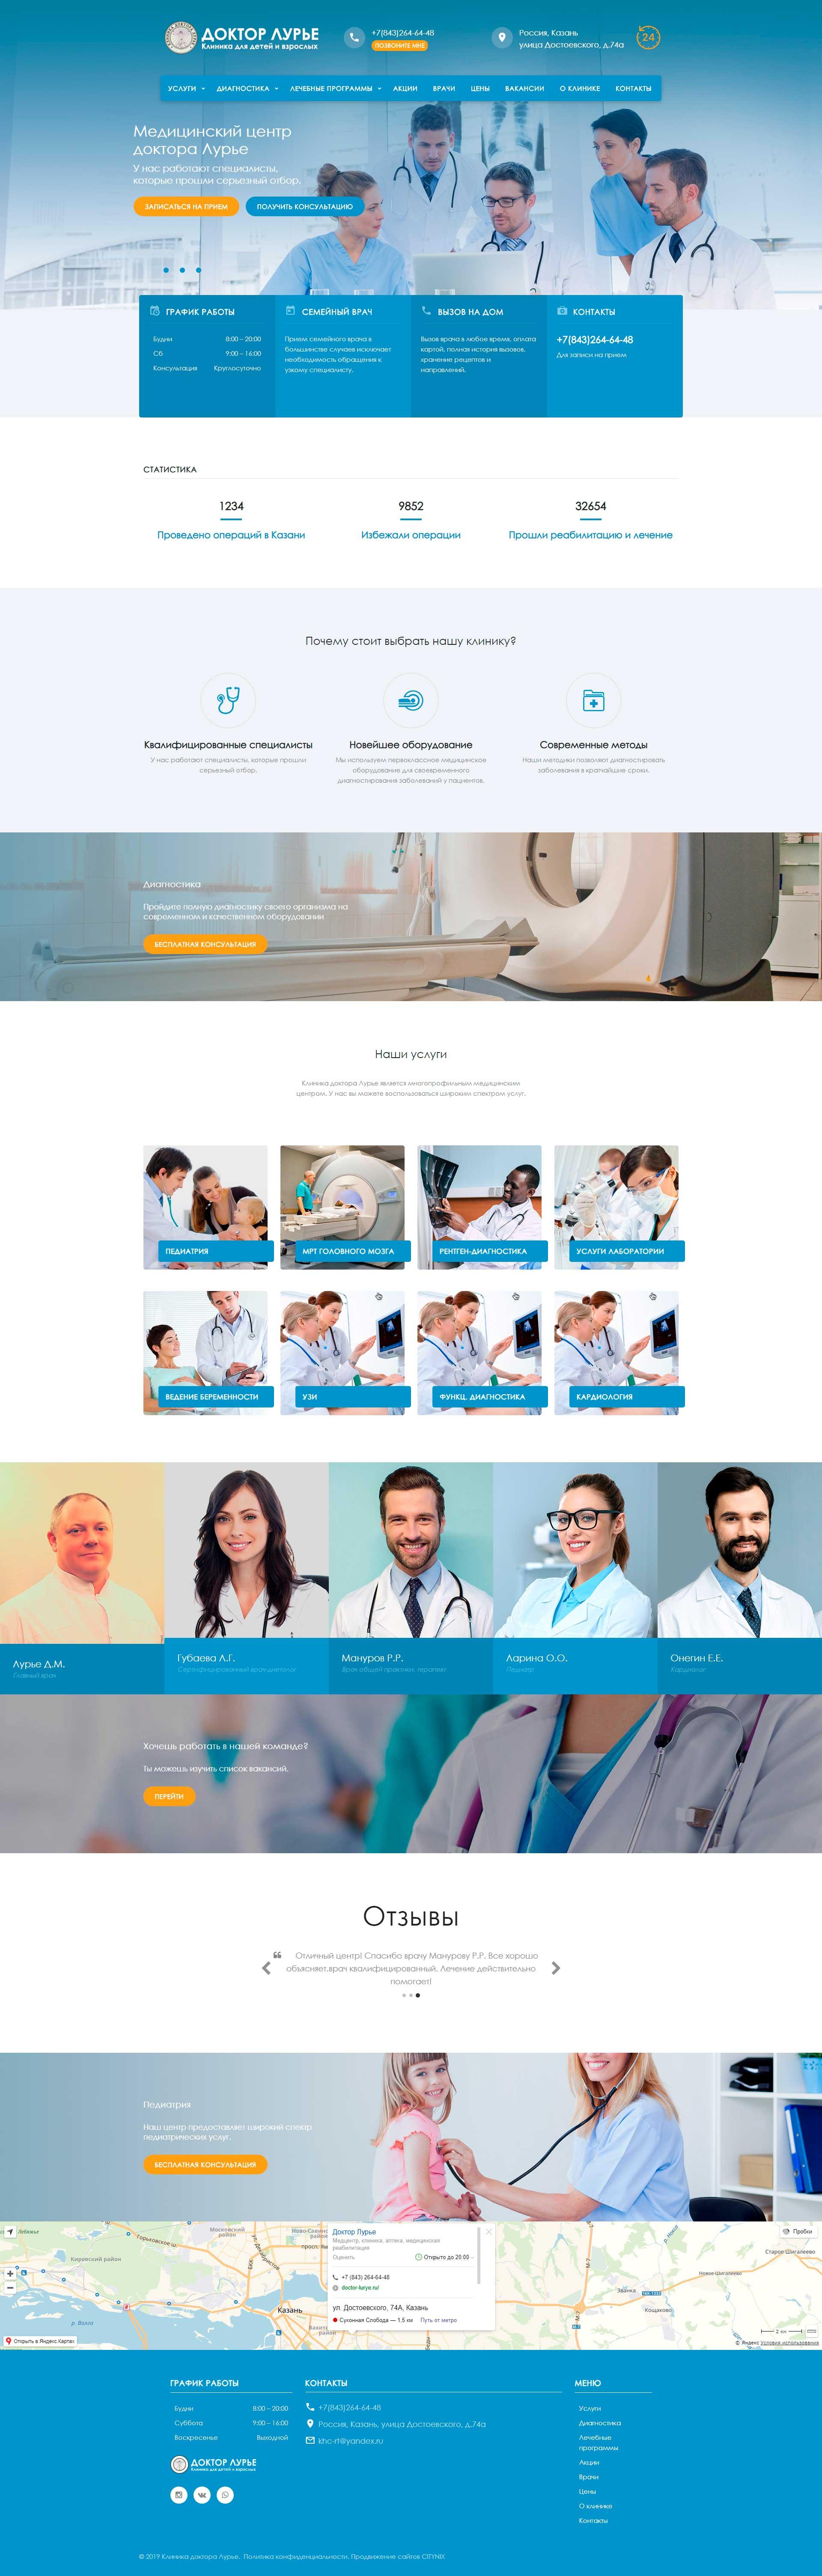 скрин сайта доктор лурье